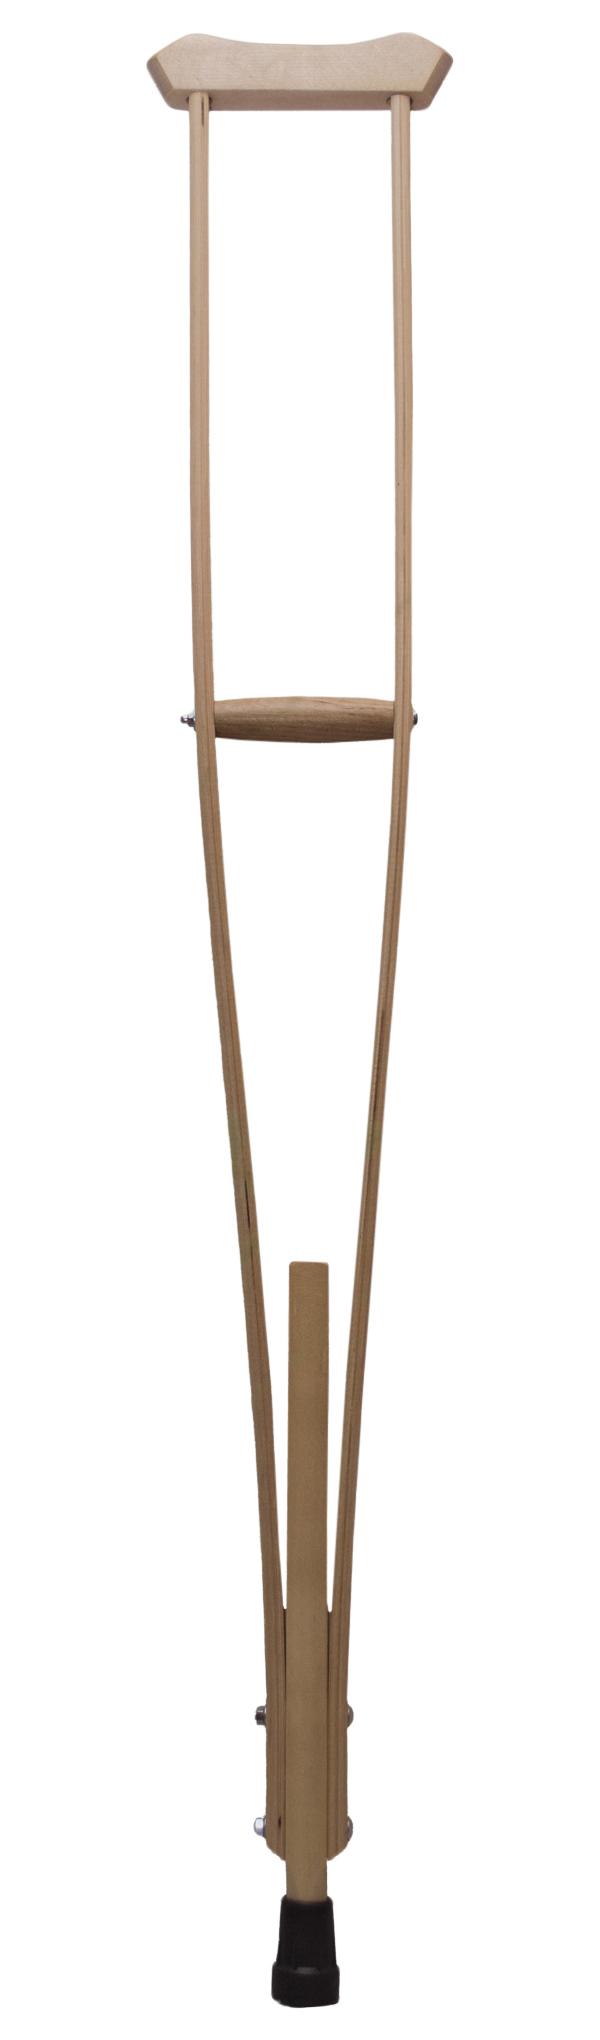 Костыли Aversus подмышечные деревянные с ручкой